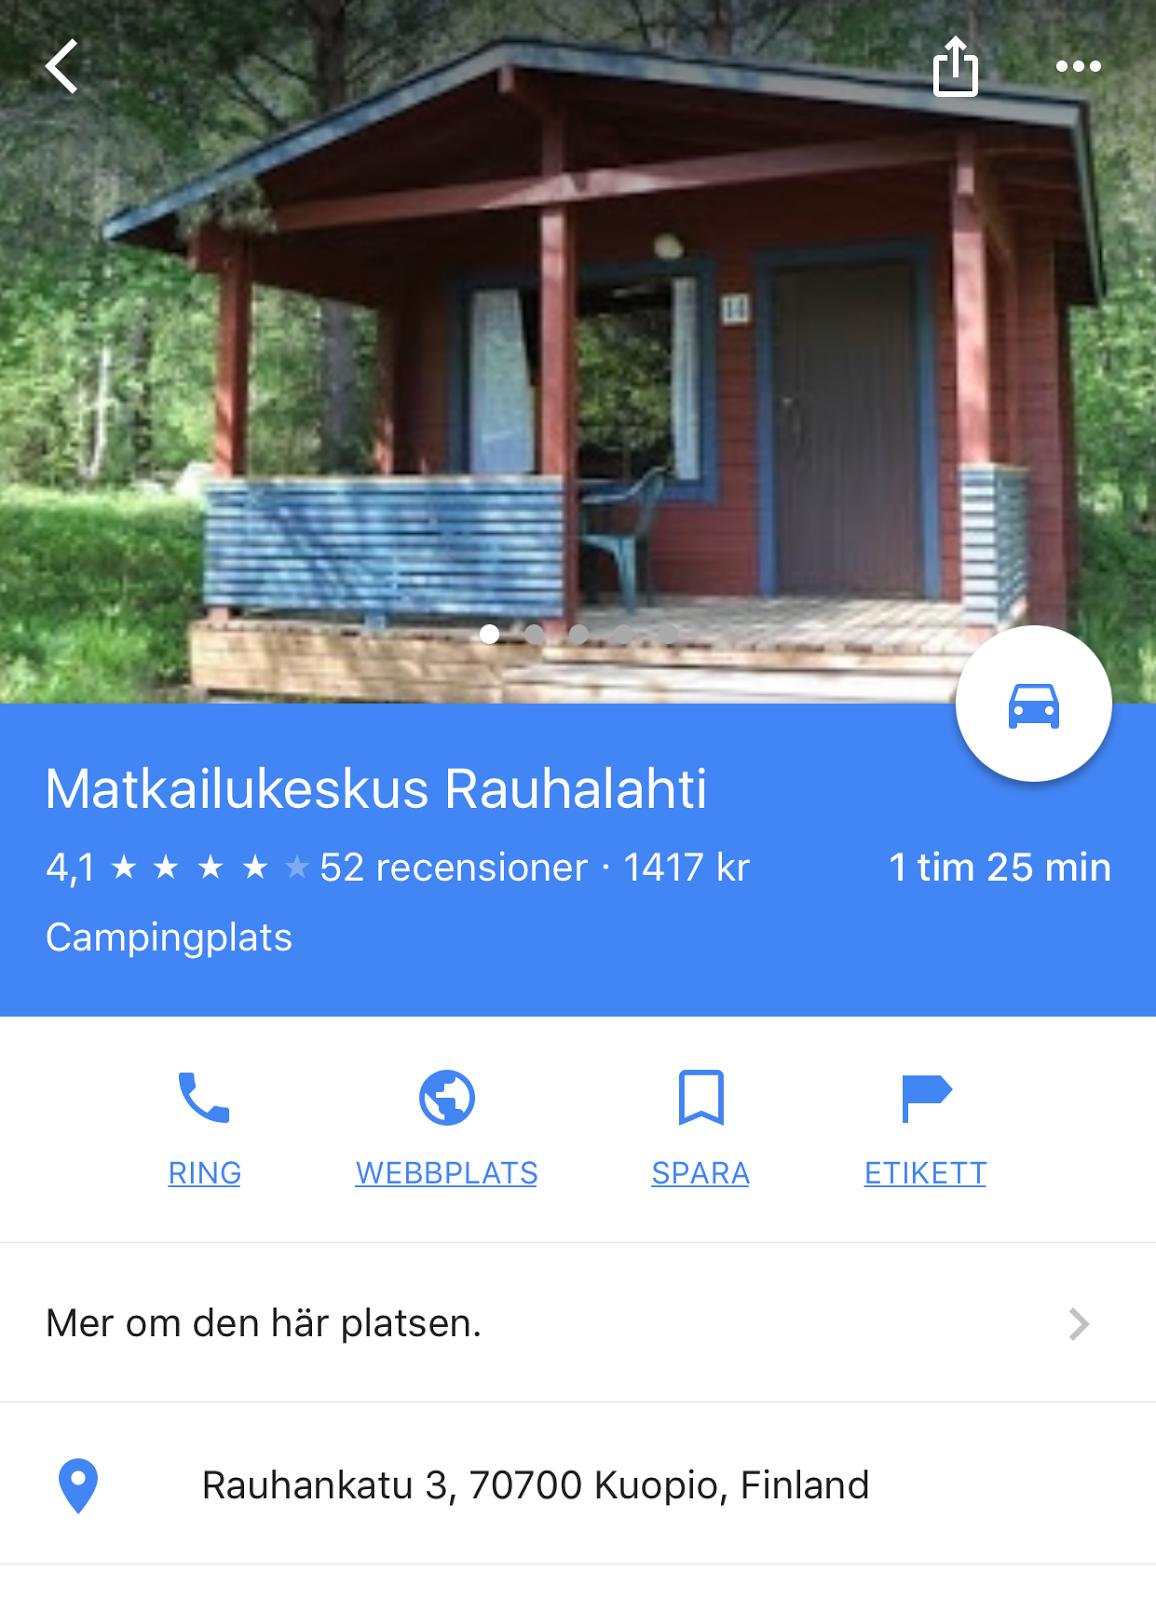 hitta kåta tjejer i östersund som vill bli knullade jag vill träffa någon i kuopio